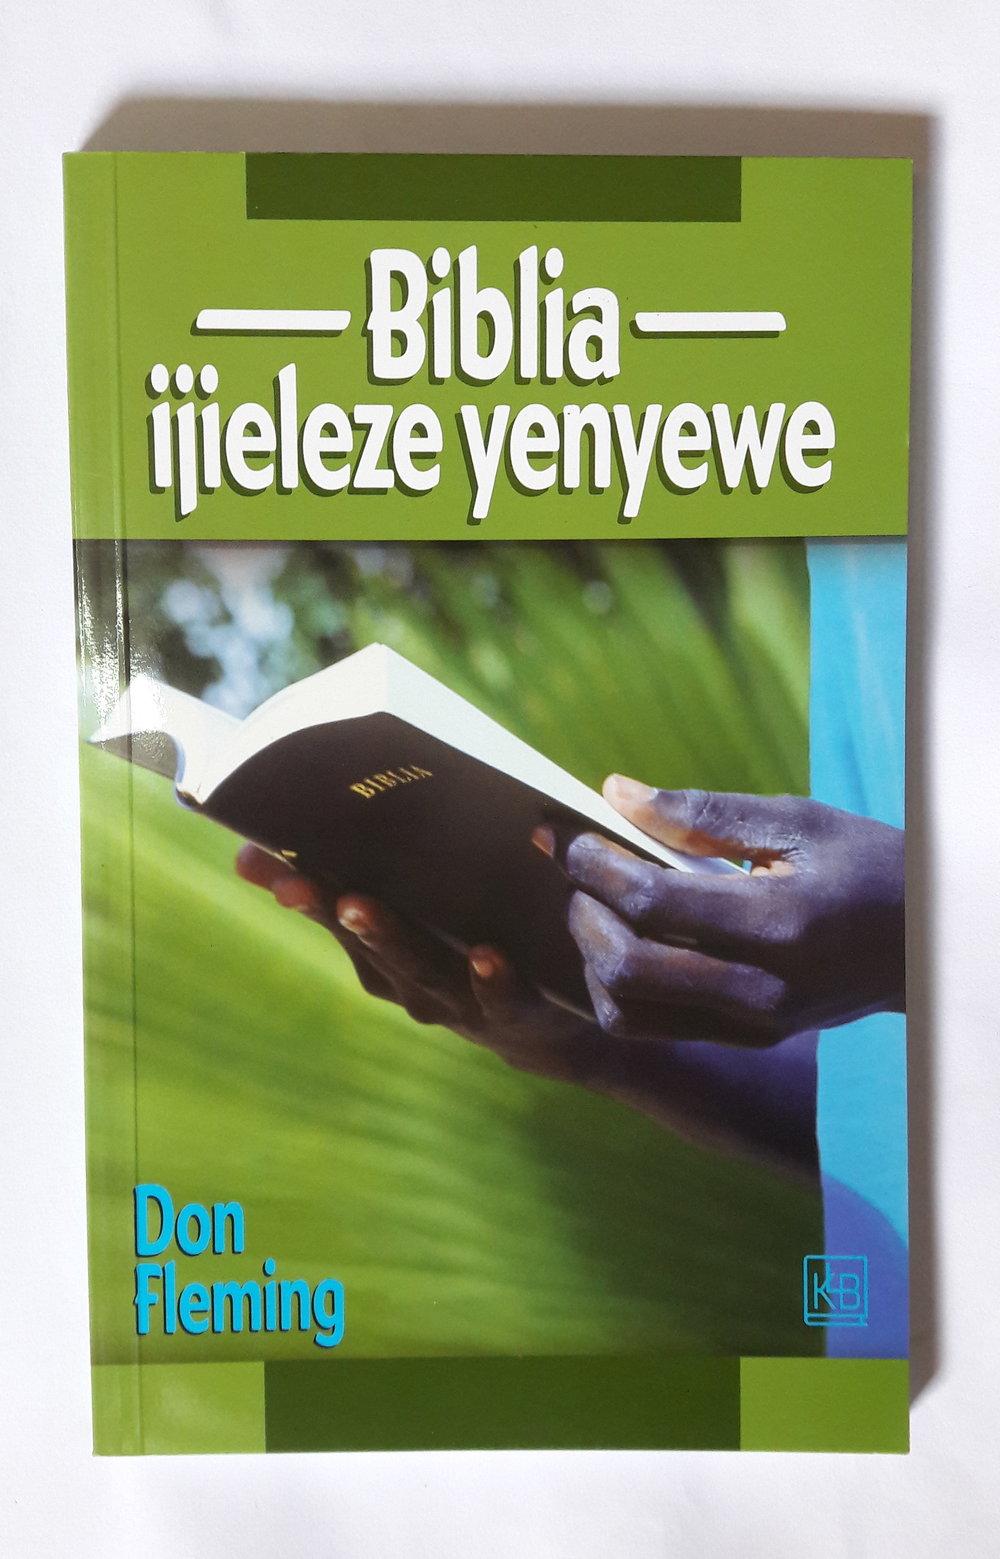 Biblia ijieleze yenyewe